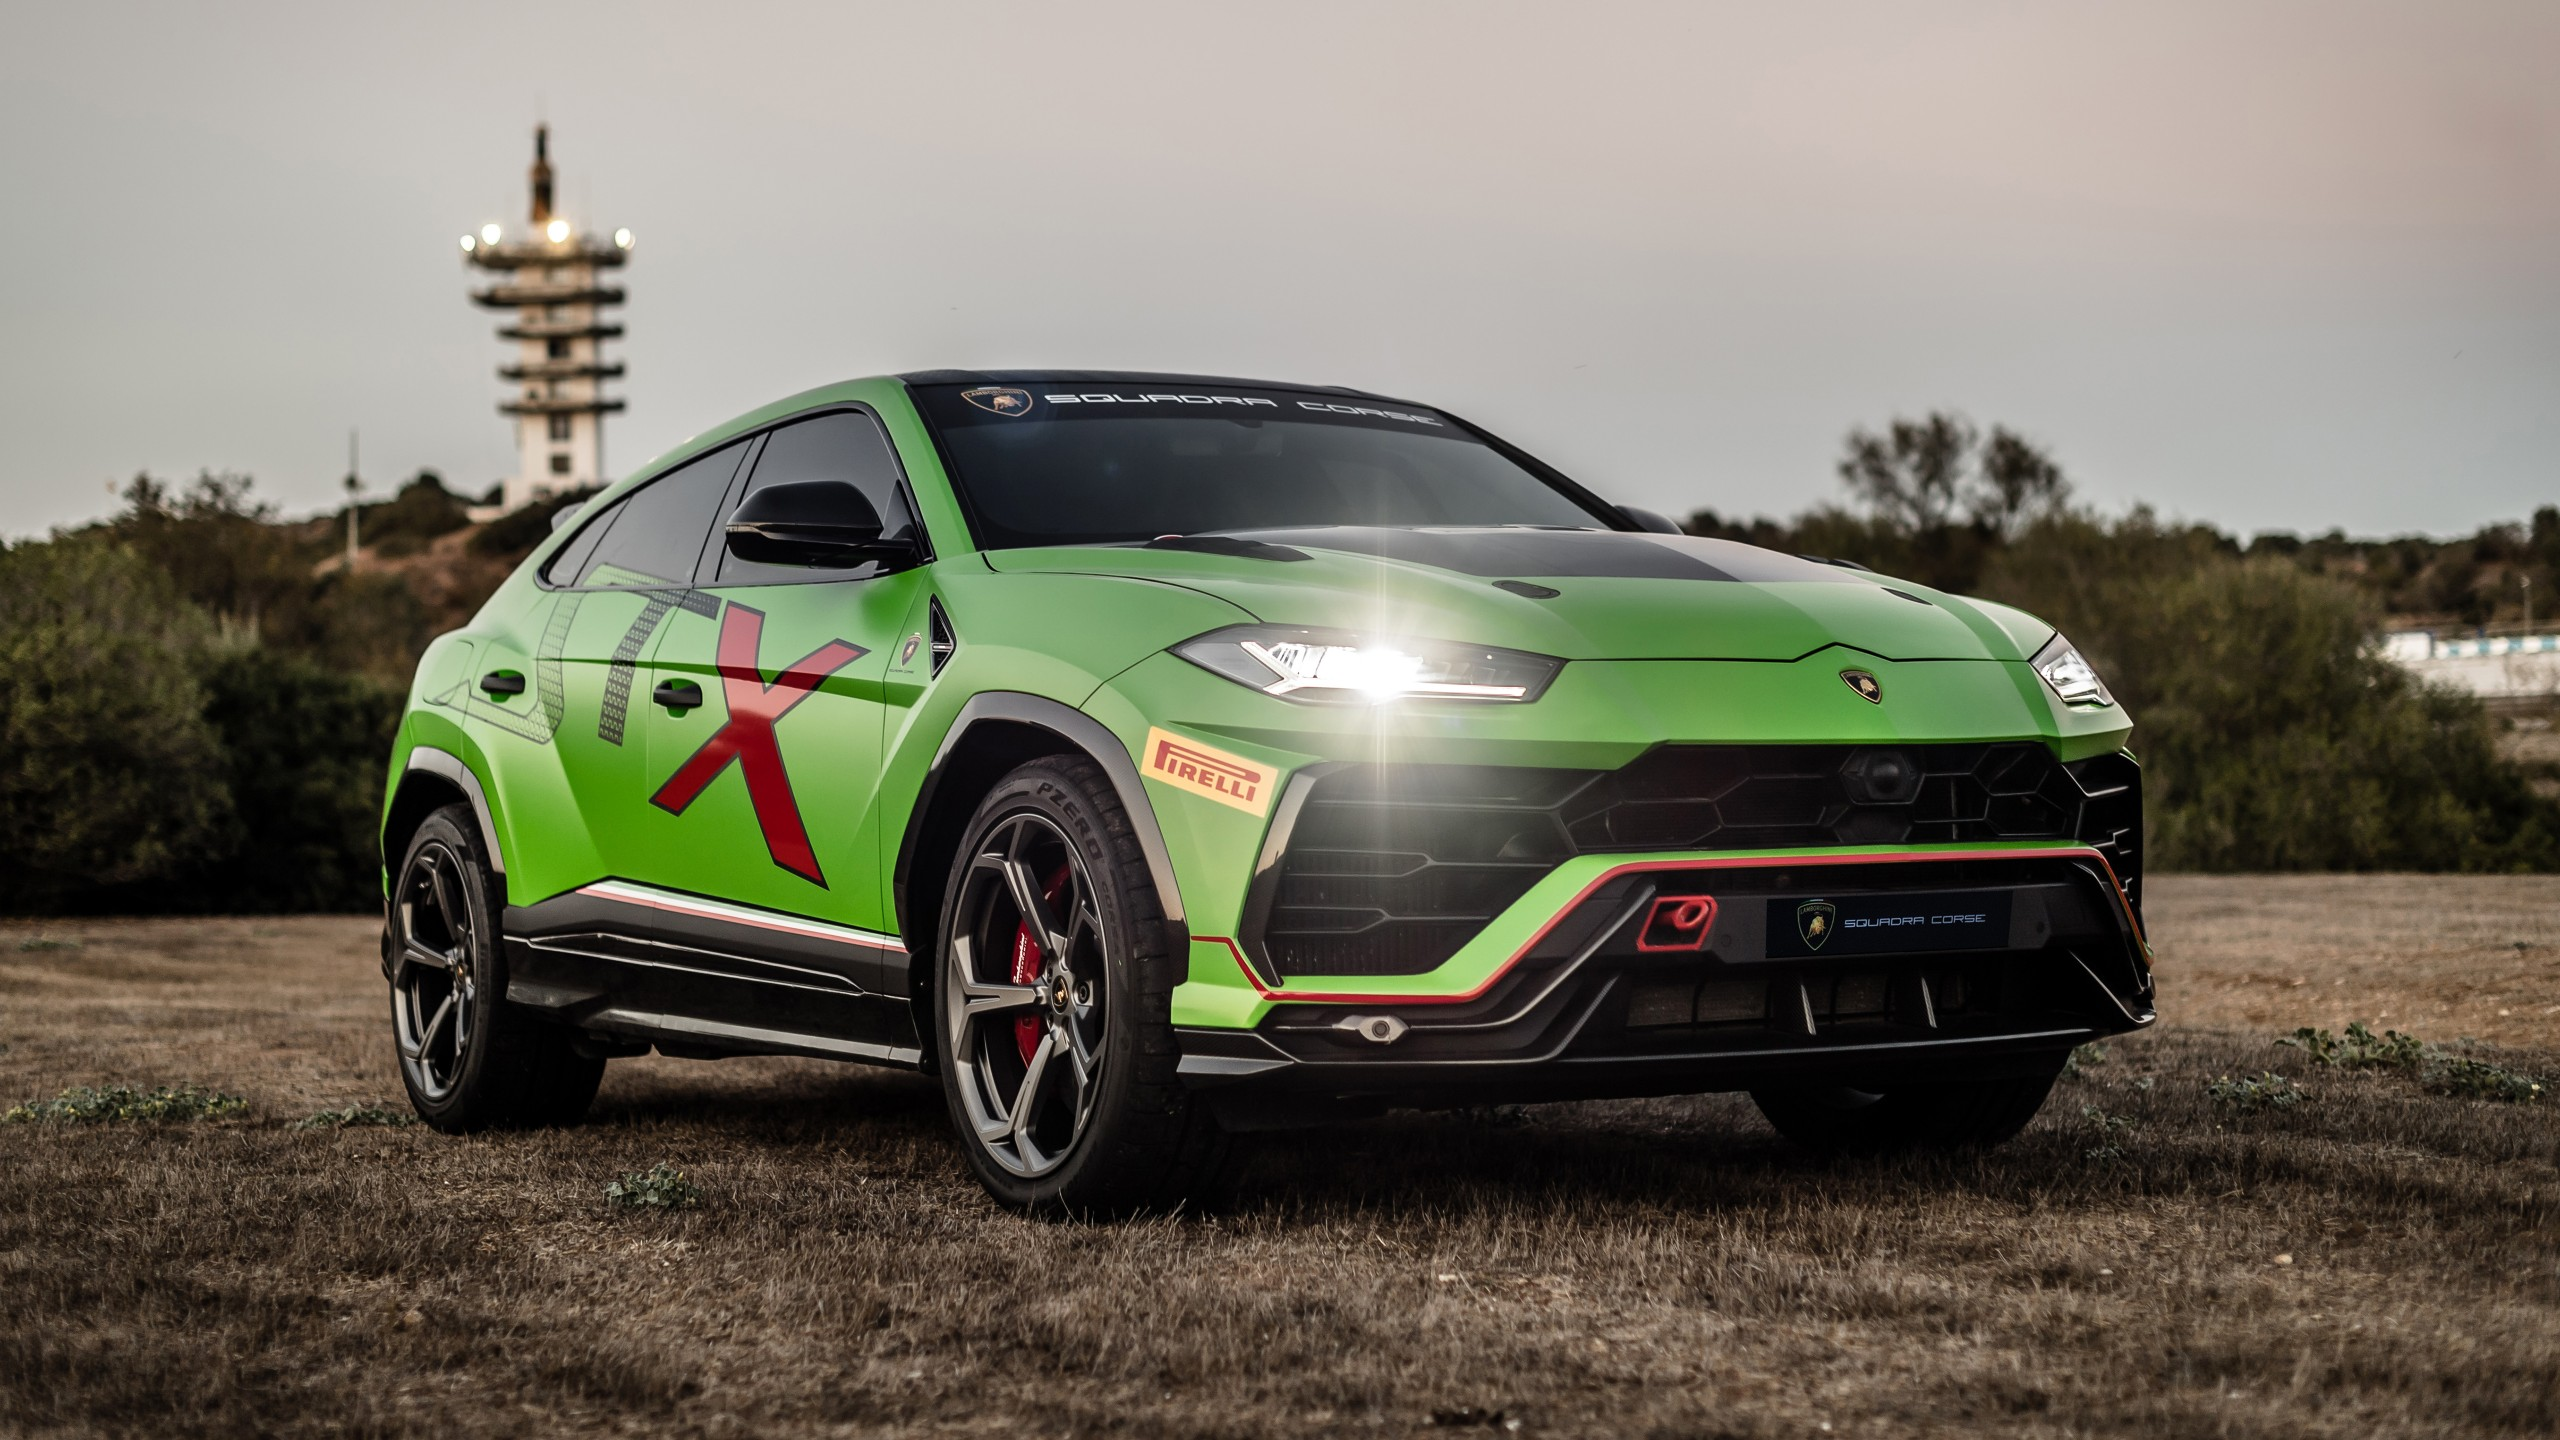 Lamborghini Urus ST-X 2020 4K 2 Wallpaper | HD Car ...